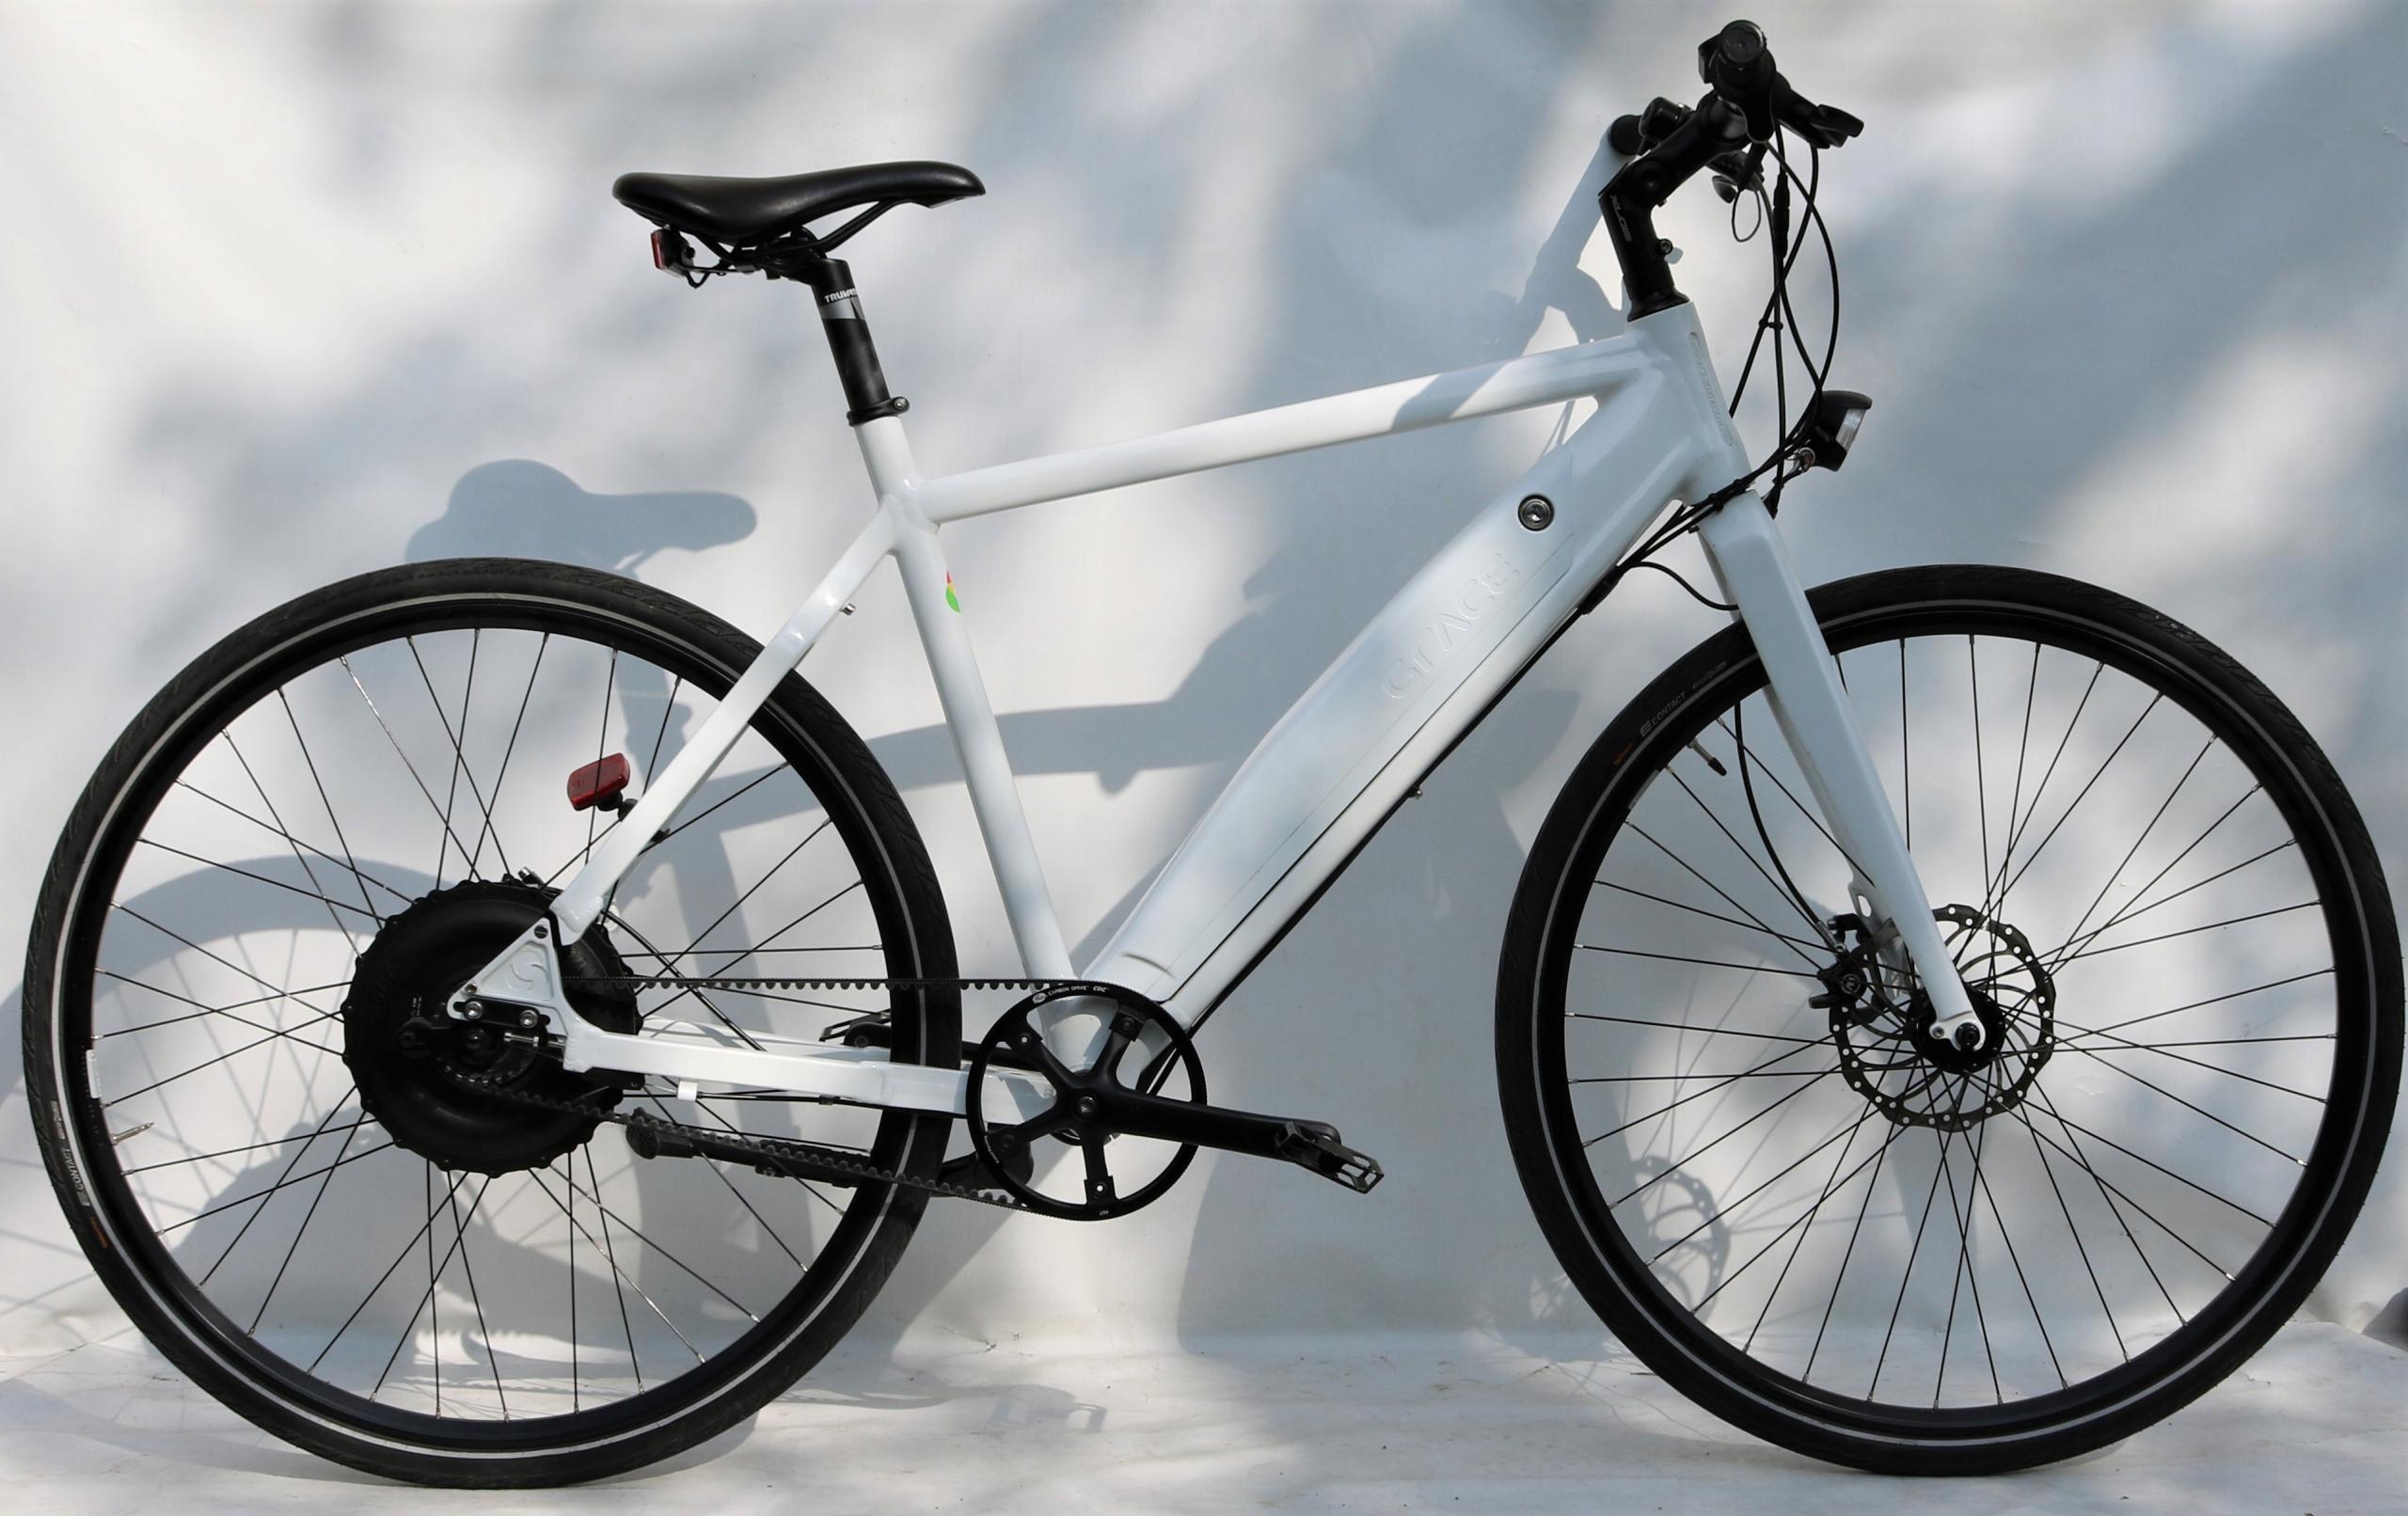 Rower crossowy GRACE E-BIKE BIONX, MAŁY PRZEBIEG